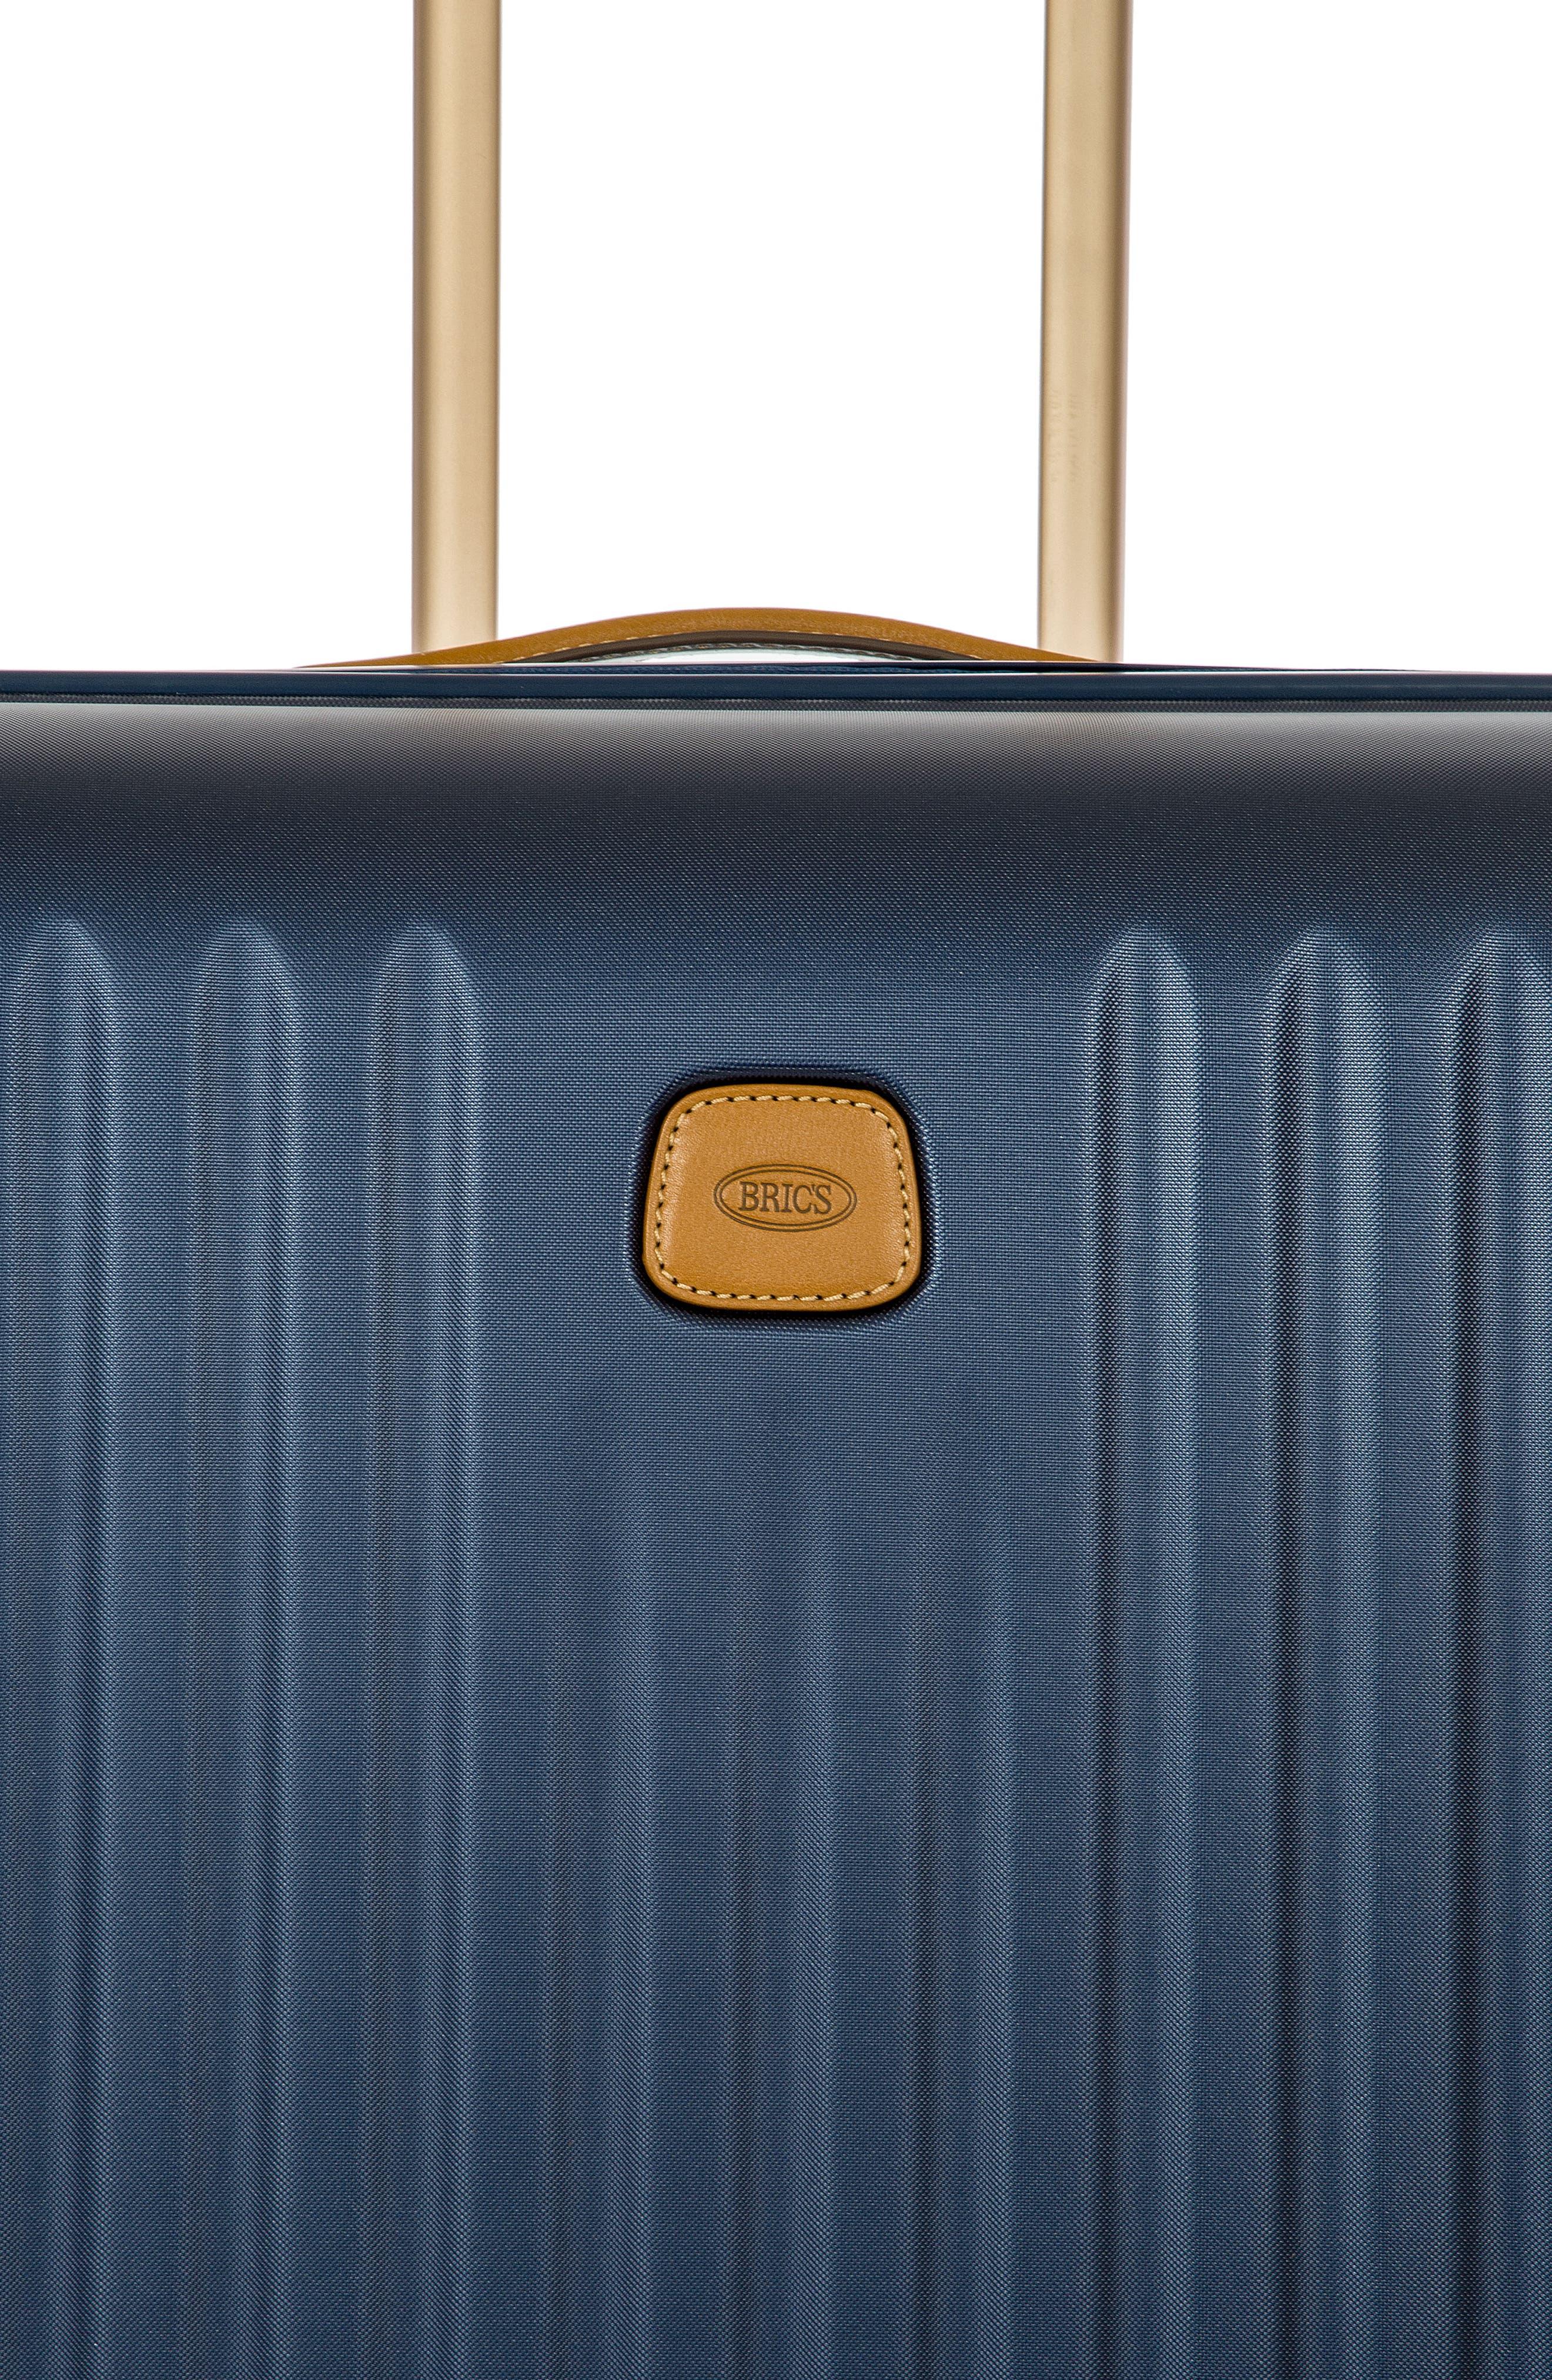 Capri 30-Inch Rolling Suitcase,                             Alternate thumbnail 8, color,                             MATTE BLUE